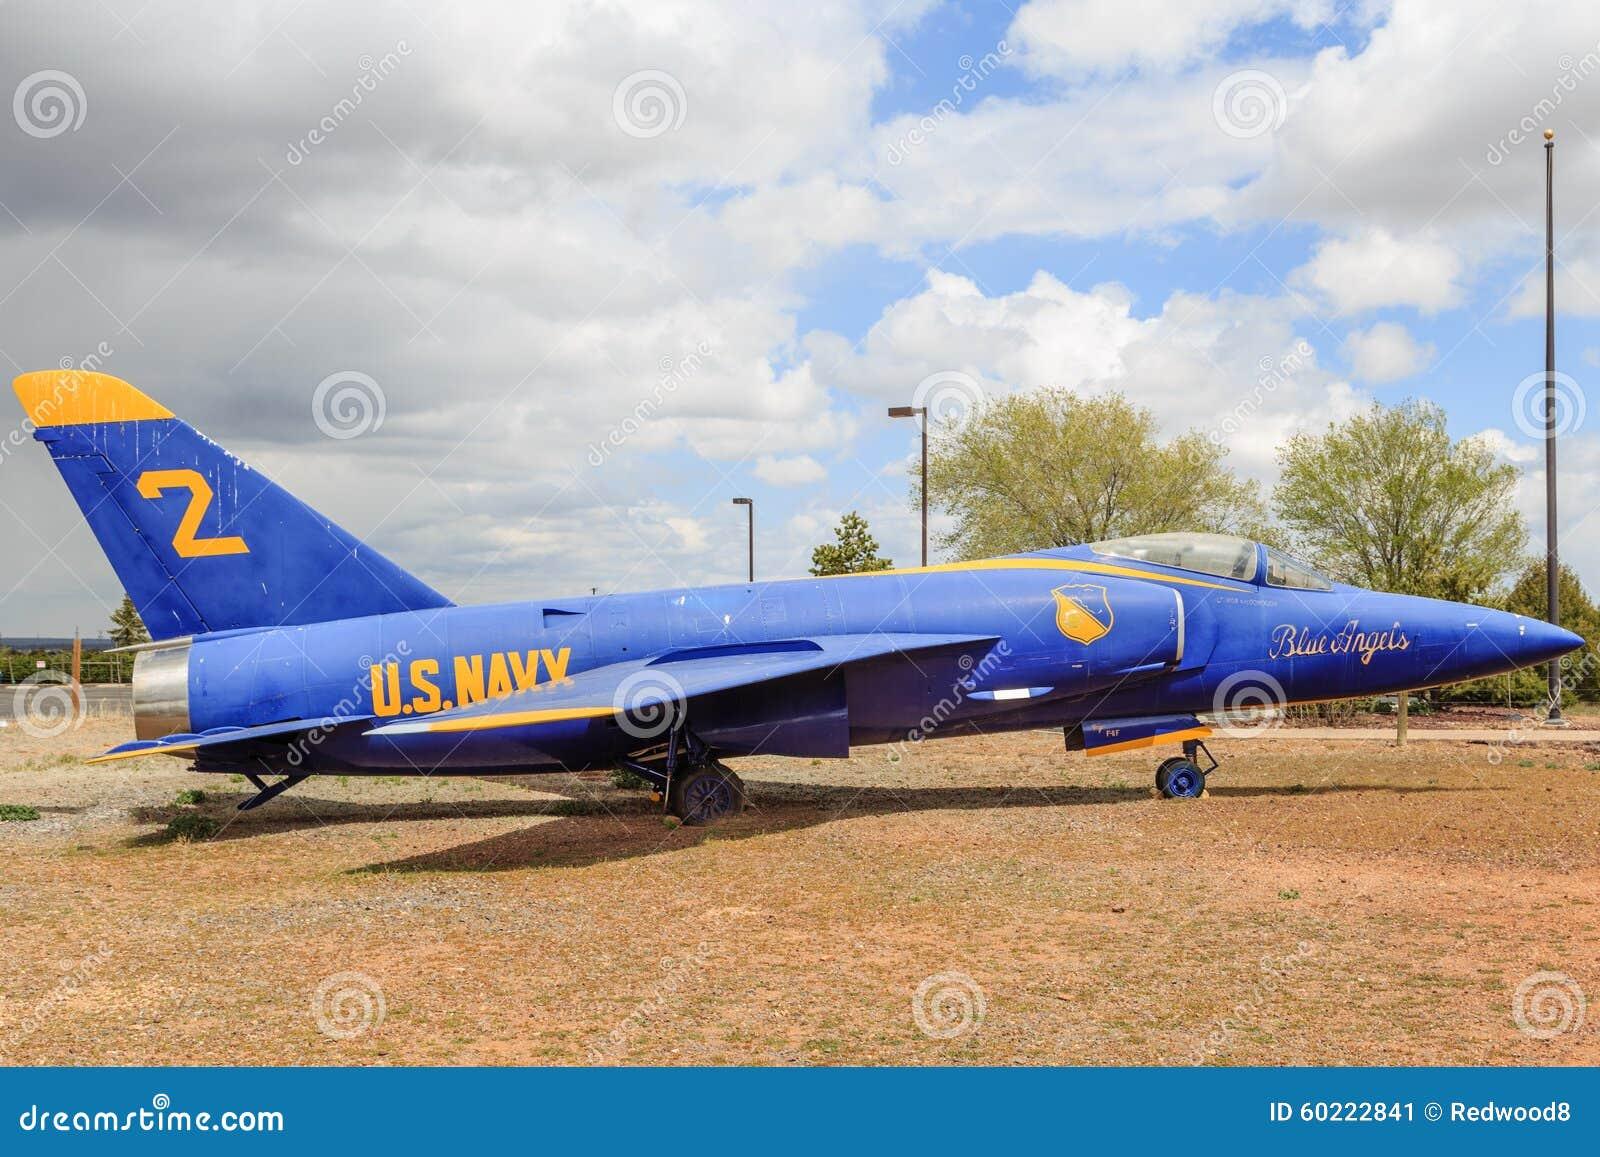 Grumman F11-F Tiger Navy Fighter Aircraft